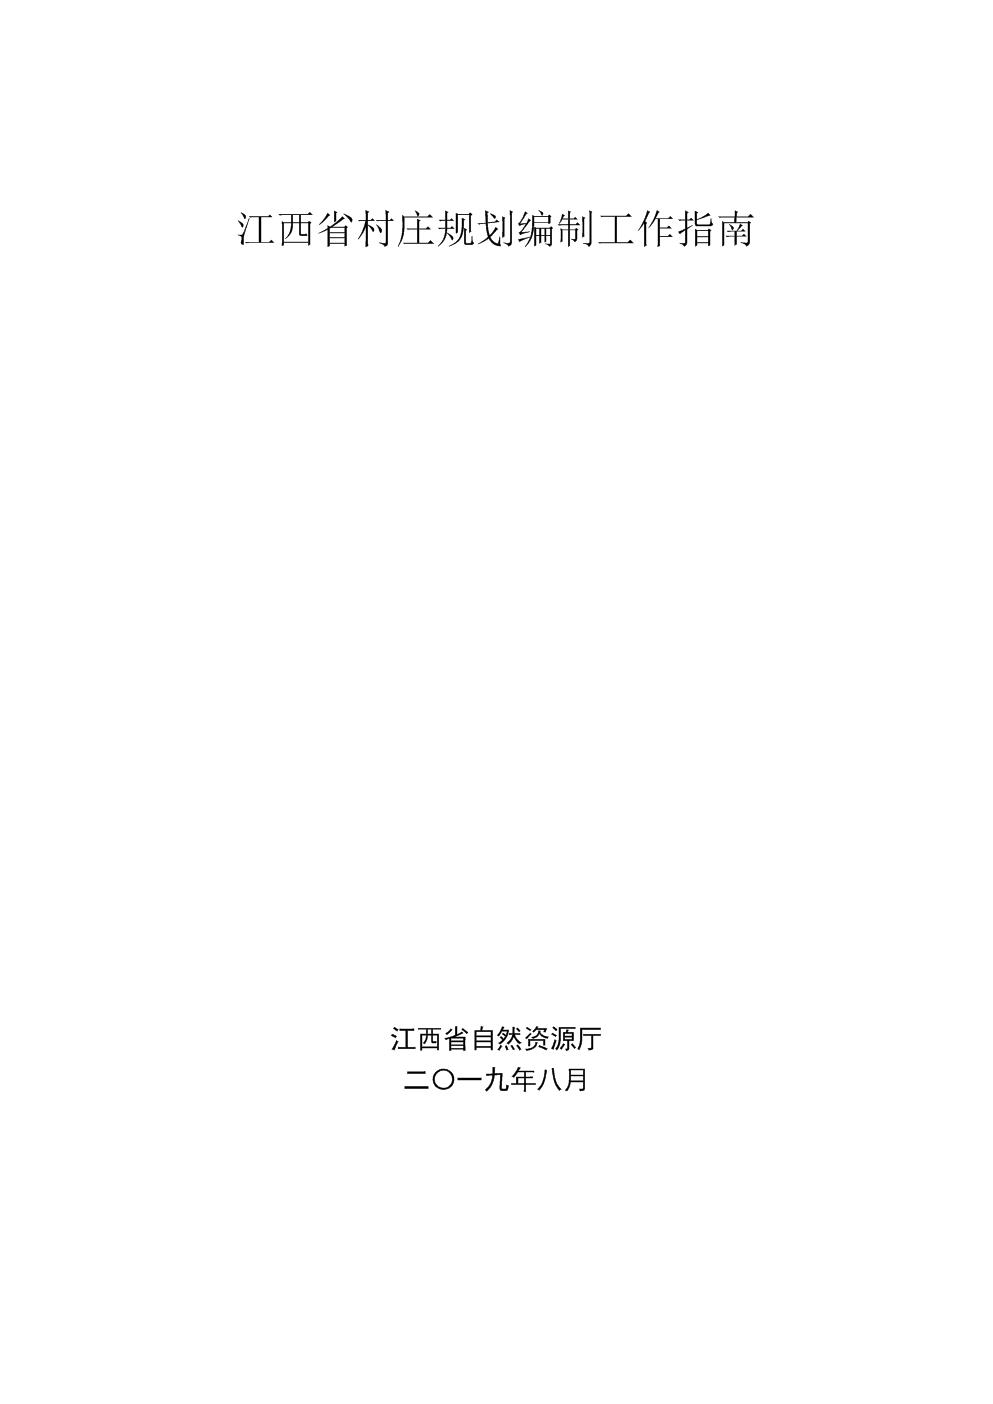 江西省村庄规划编制工作指南.docx